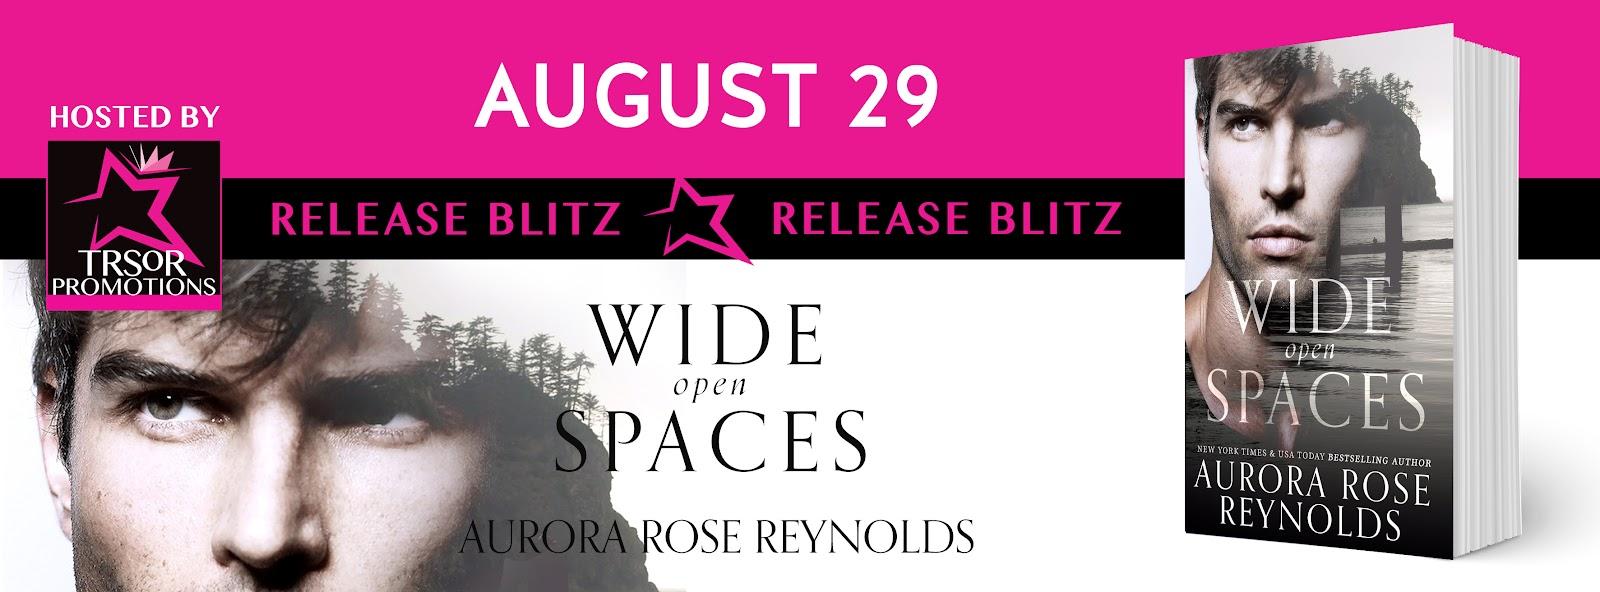 WIDE_OPEN_SPACES_RELEASE_BLITZ.jpg